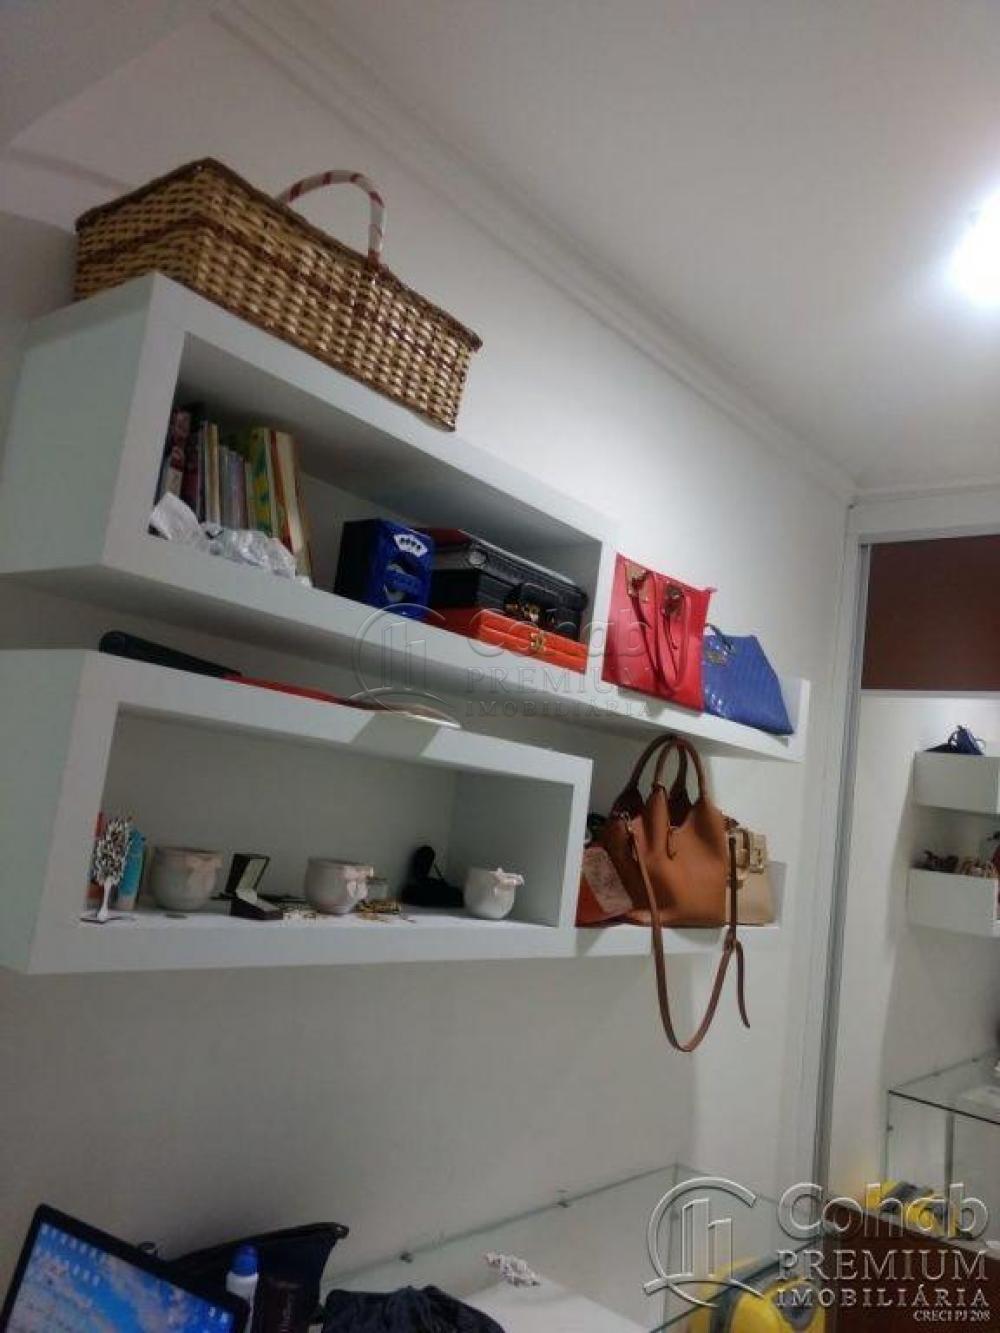 Comprar Casa / Padrão em Aracaju apenas R$ 530.000,00 - Foto 4